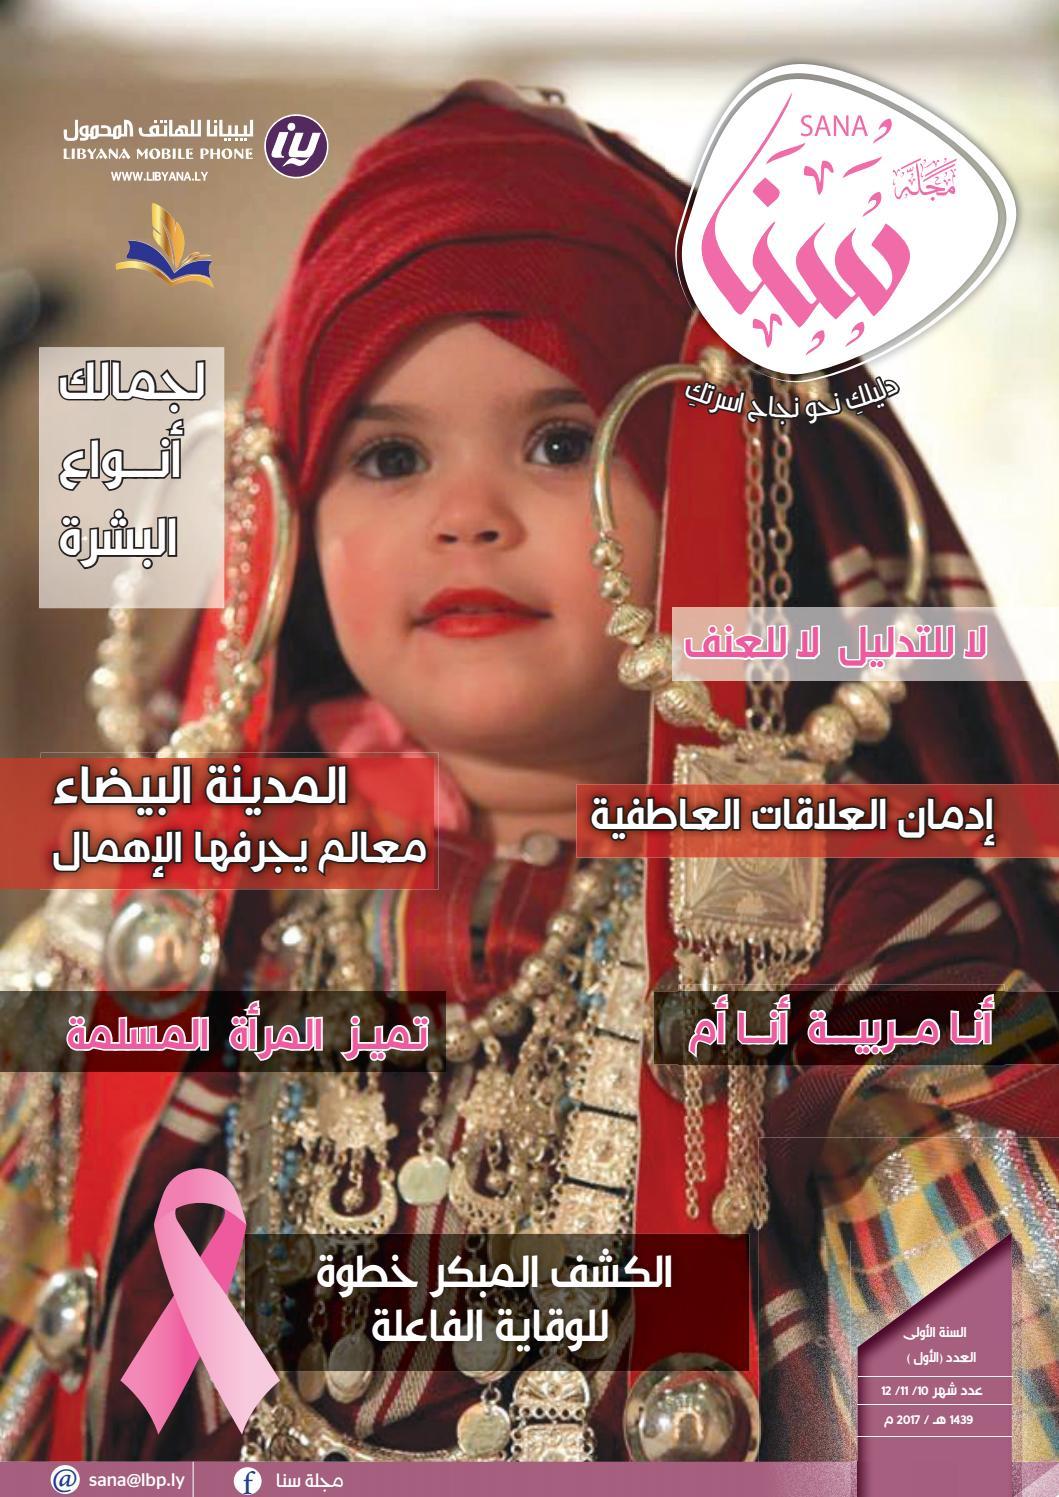 b47f7ada54d47 العدد الثاني مجلة سنا by هيئة دعم وتشجيع الصحافة - issuu